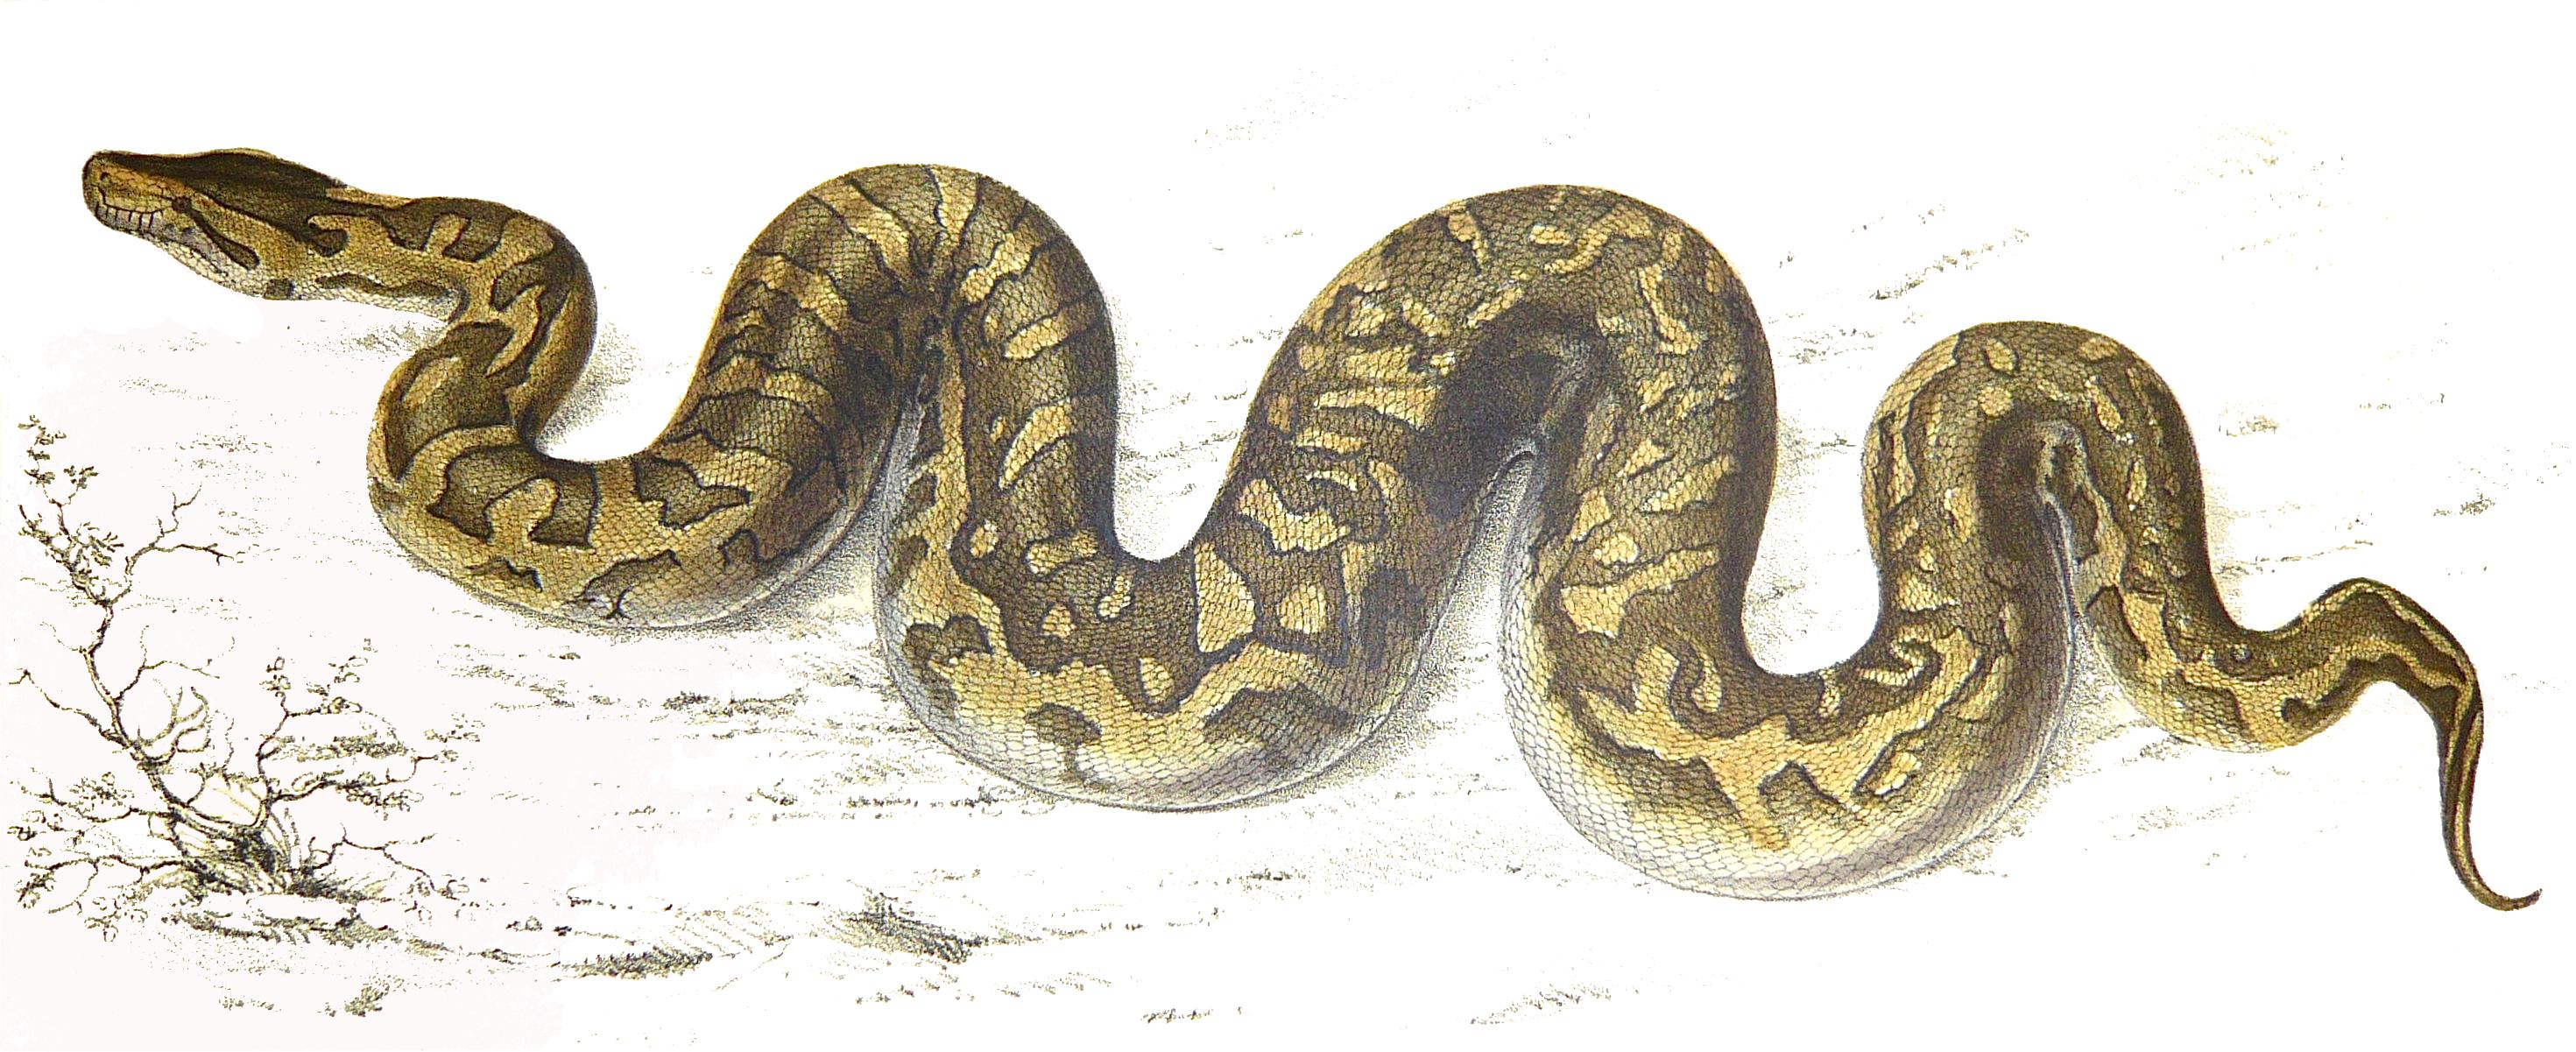 Drawn snake python snake Hand By Brave By kids